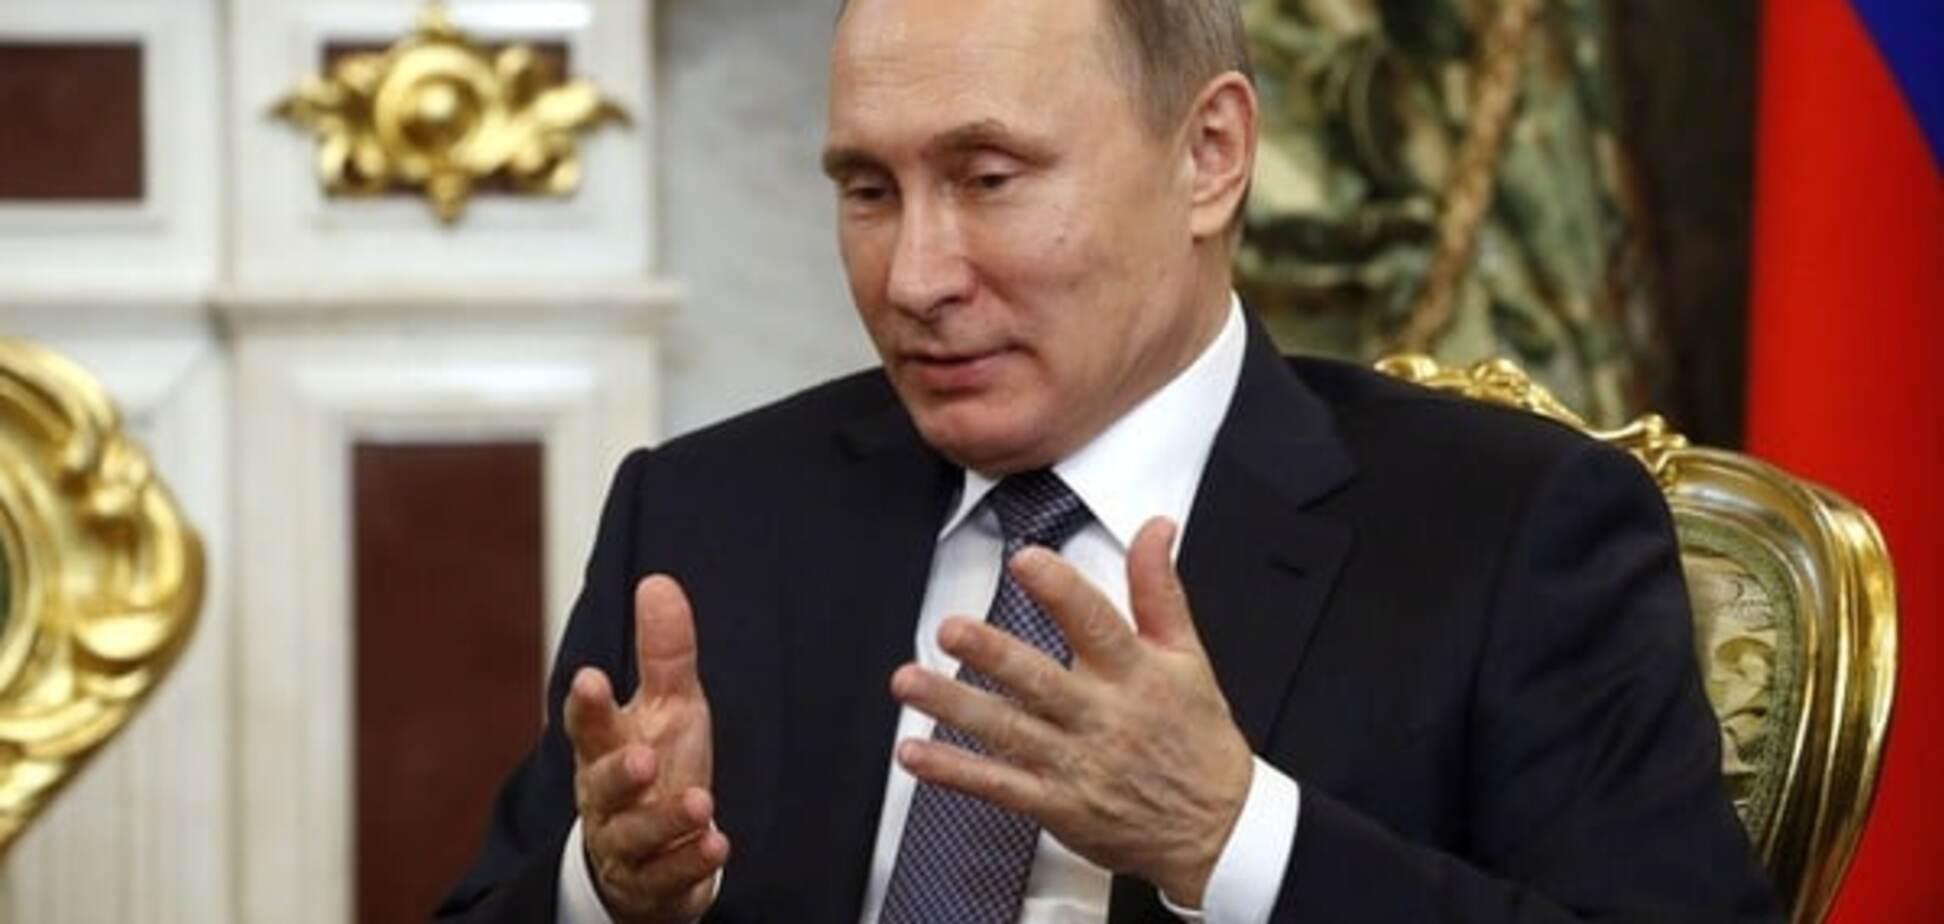 Блокада Донбасу: полковник розповів, що ще порушив 'шизофренік'-Путін